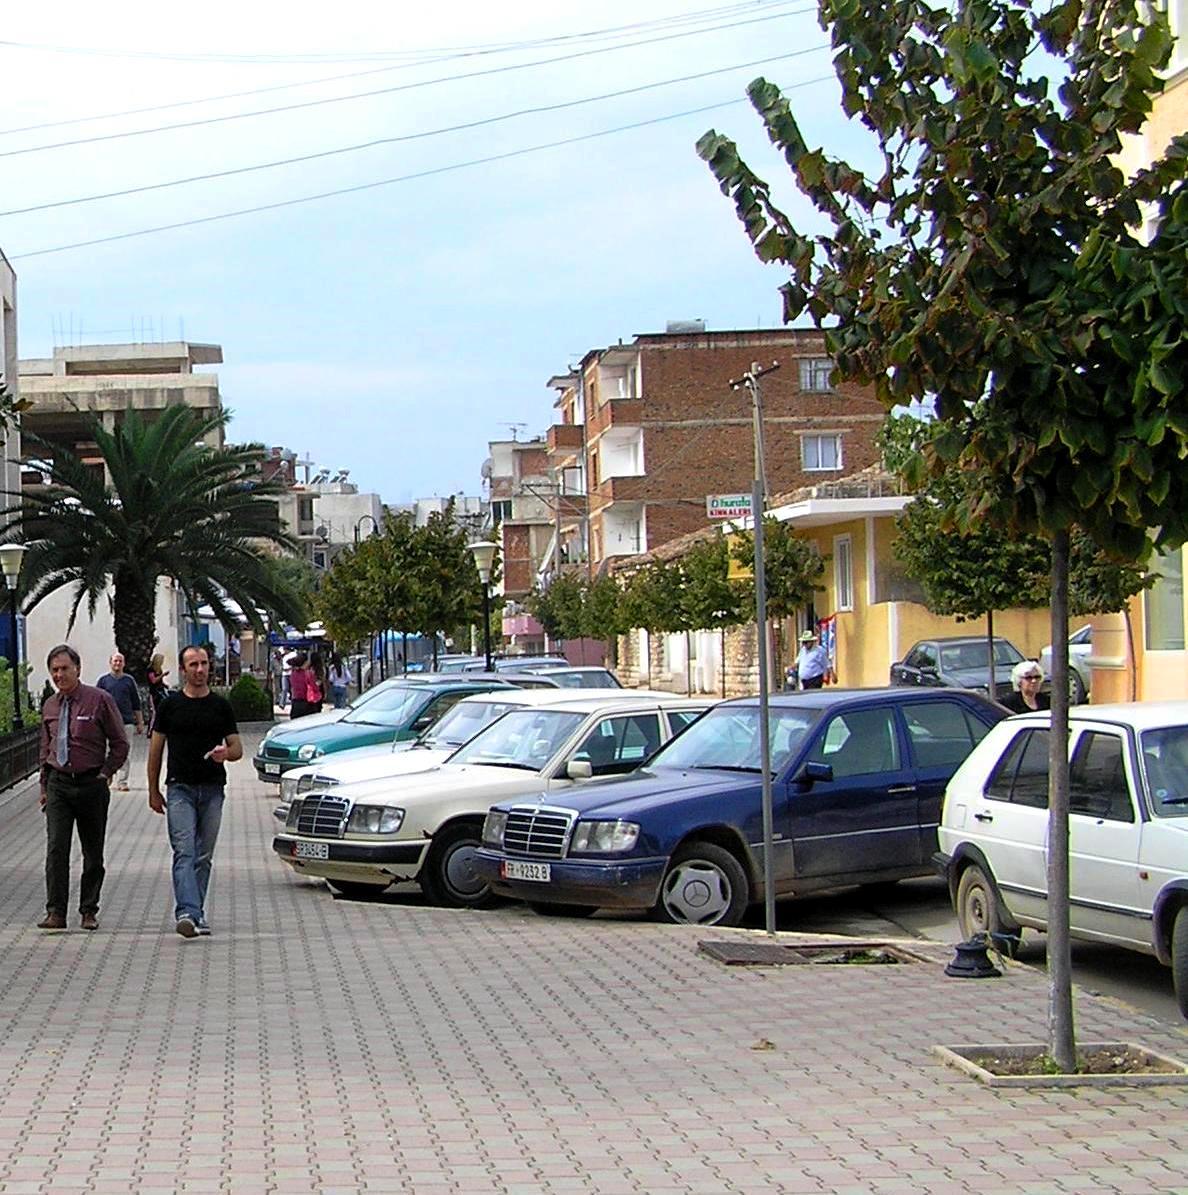 Mercedesek mindenhol 2005-ben, amikor először jártunk Albániában. (Fotó: Jani haverja)